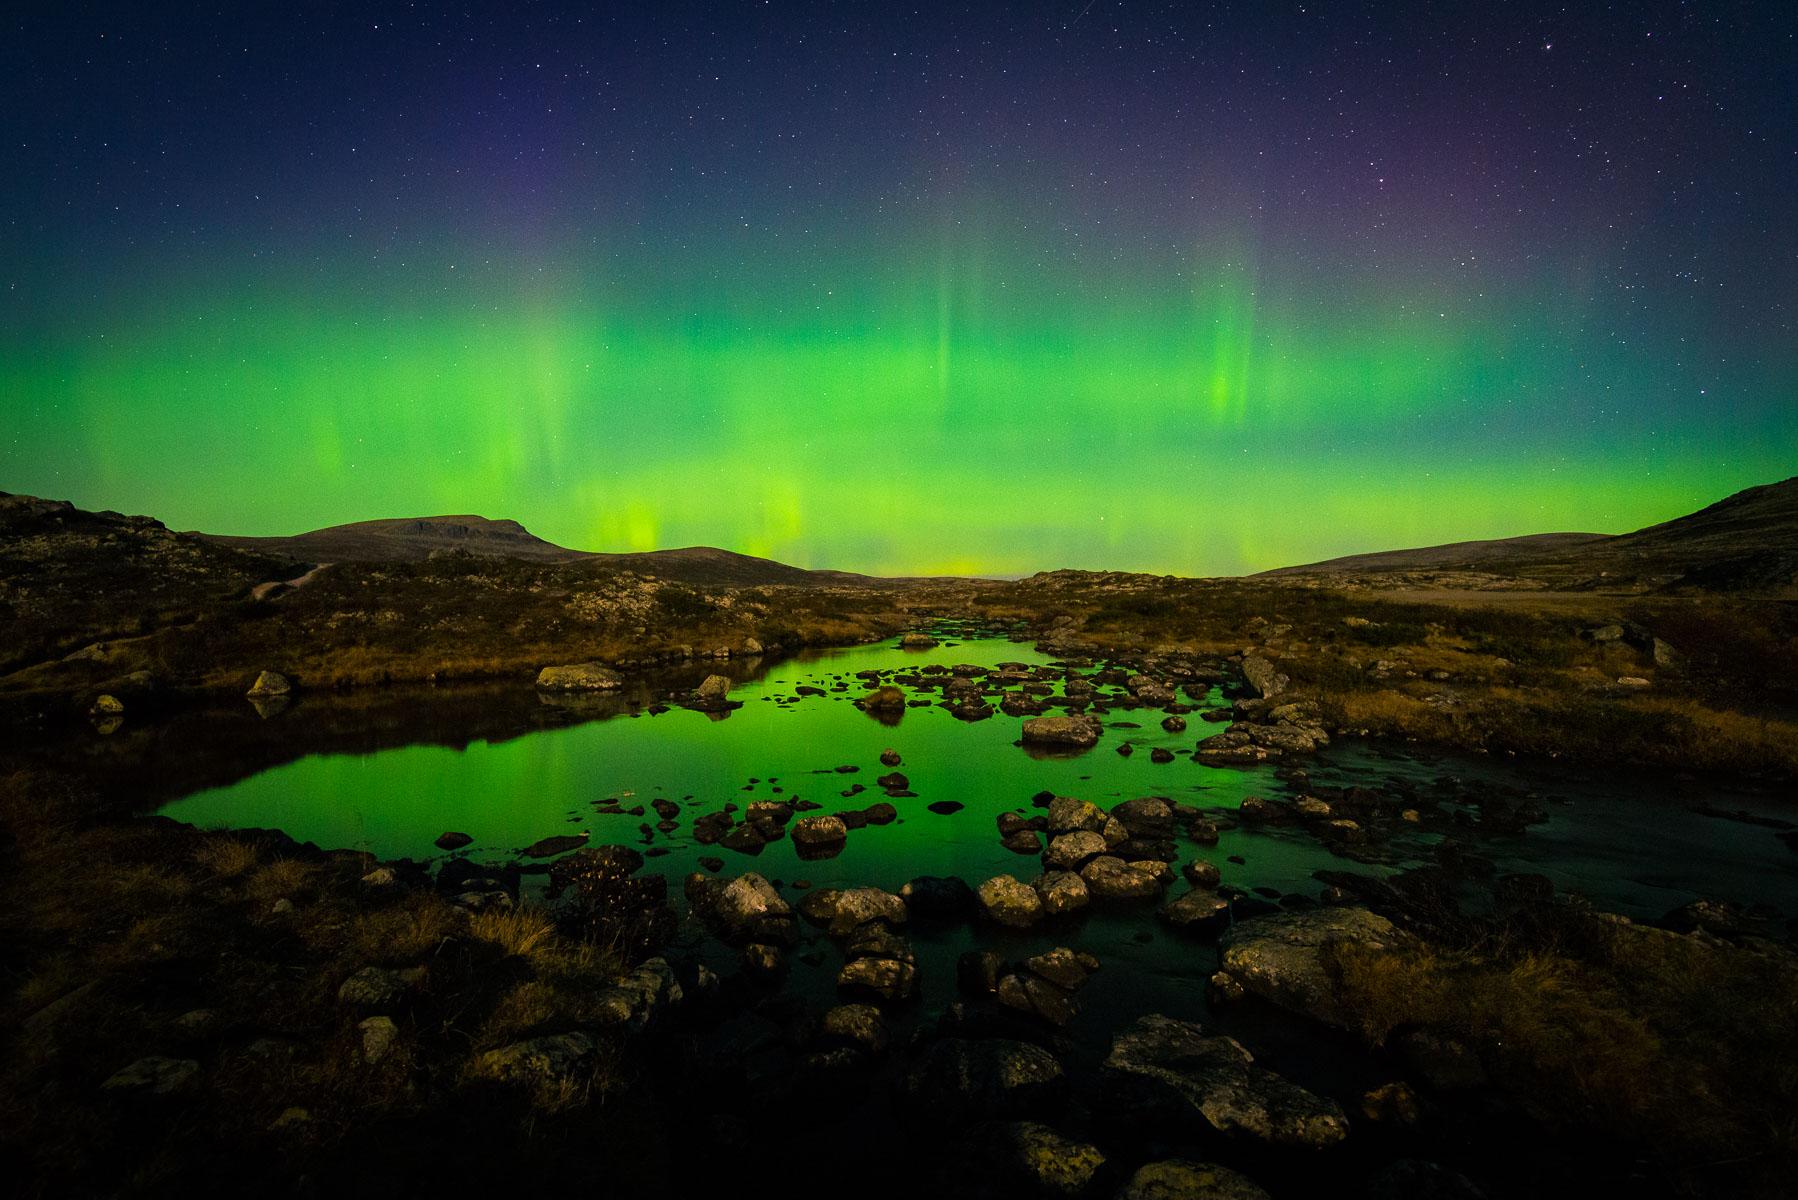 Northern lights Venabygdsfjellet - Muvatnet